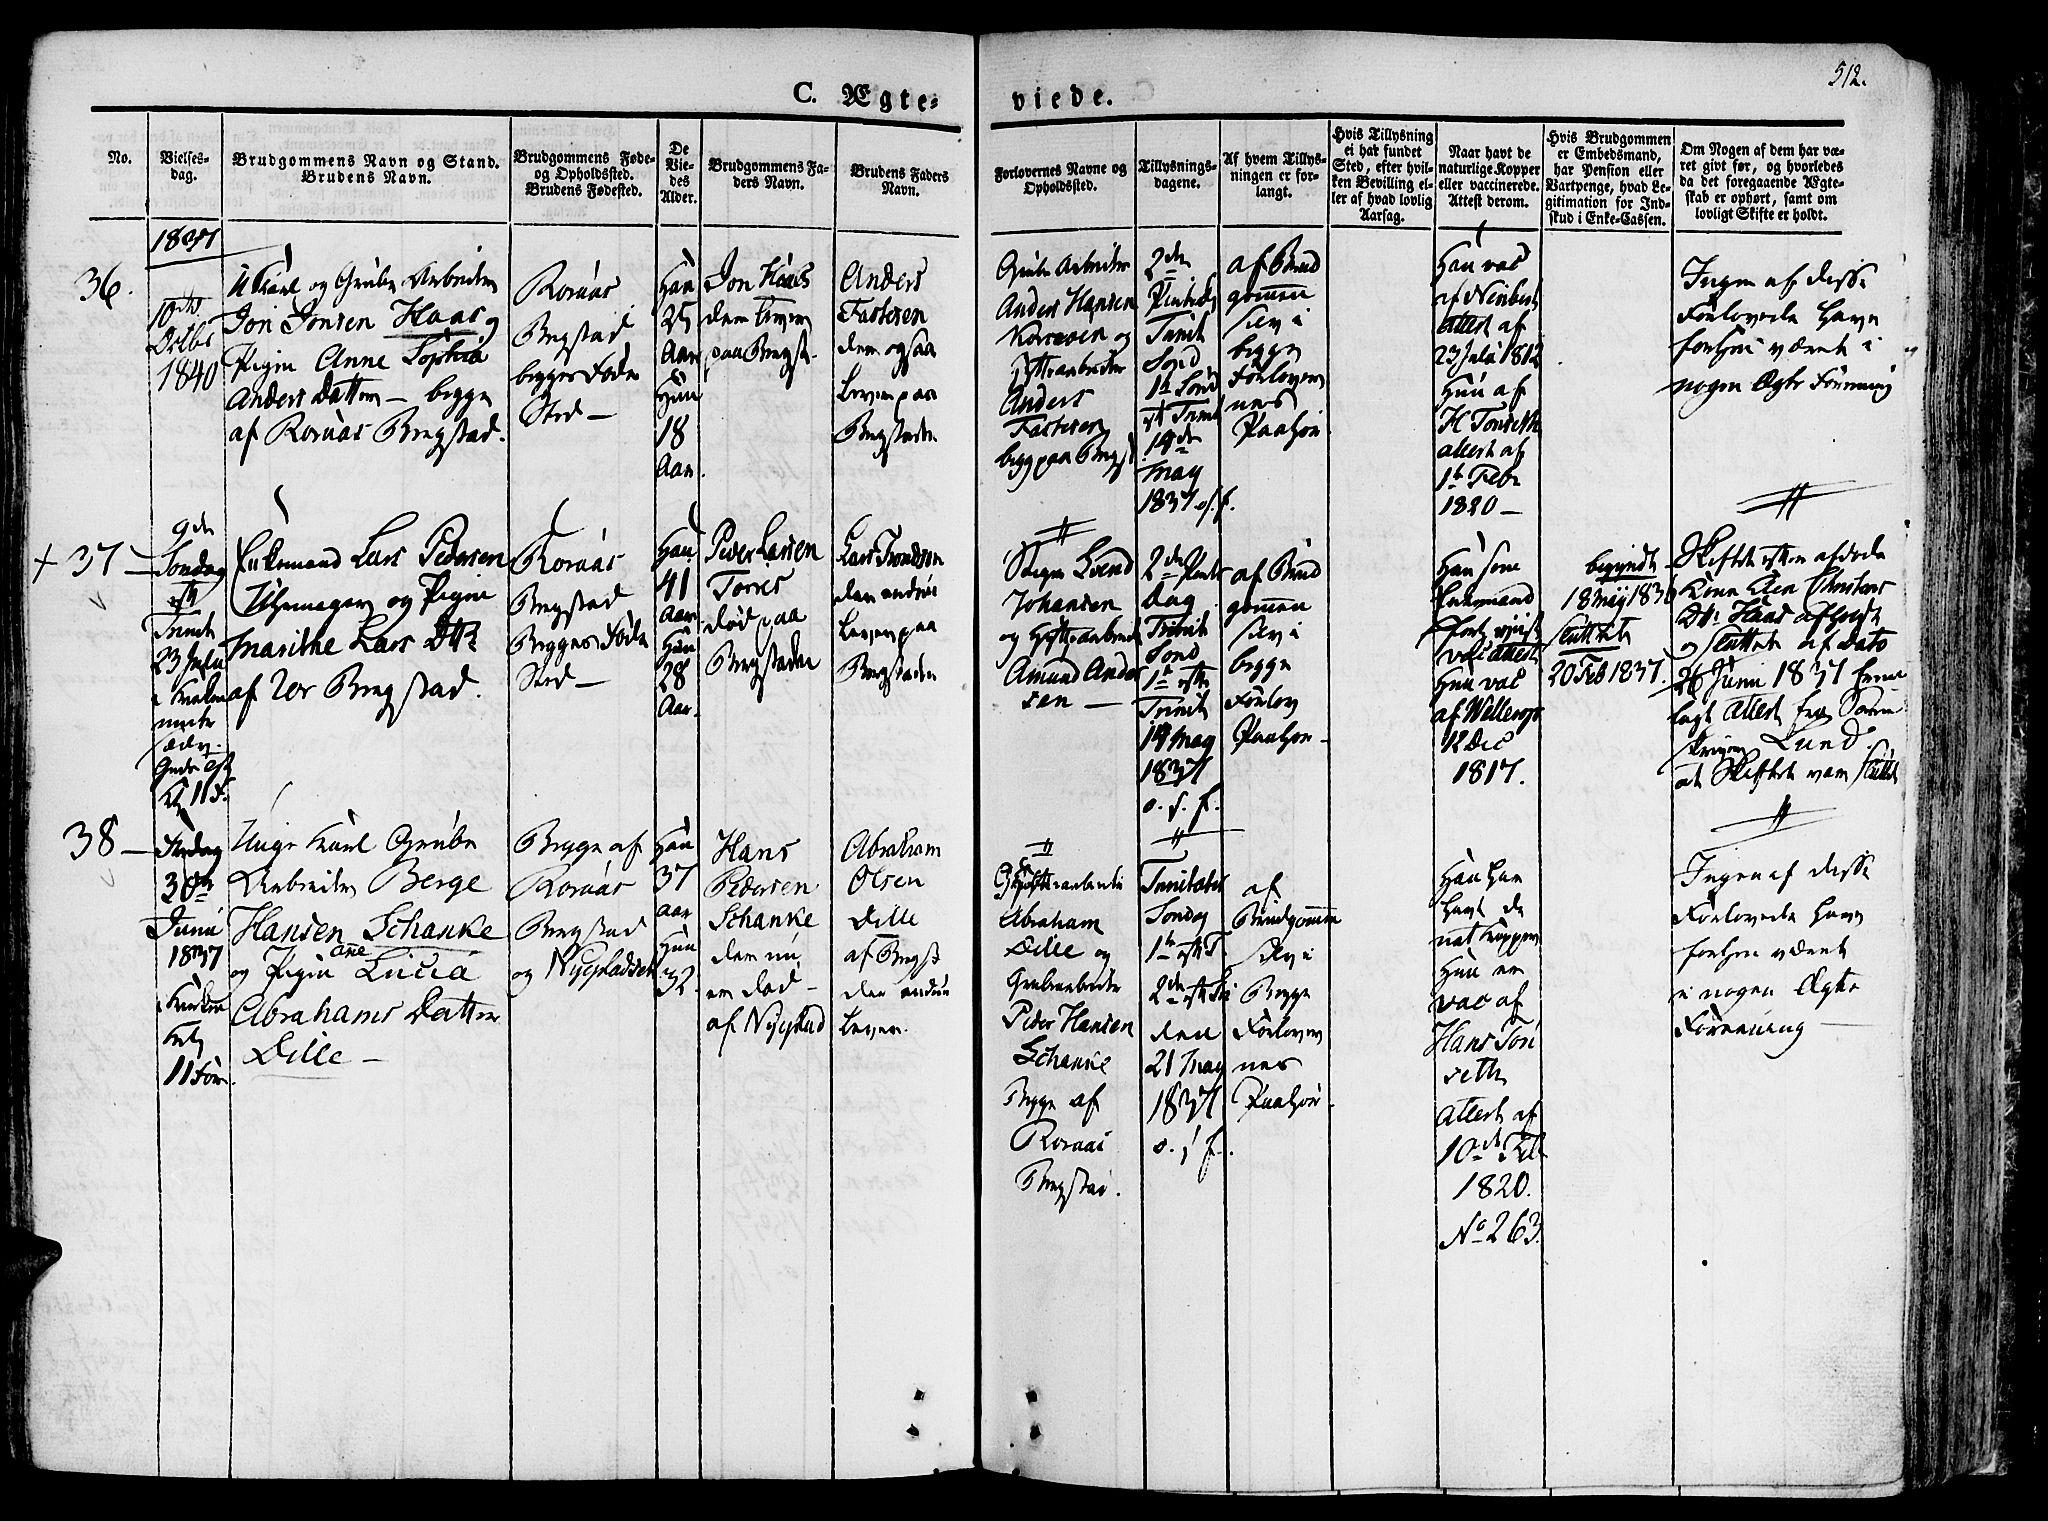 SAT, Ministerialprotokoller, klokkerbøker og fødselsregistre - Sør-Trøndelag, 681/L0930: Ministerialbok nr. 681A08, 1829-1844, s. 512